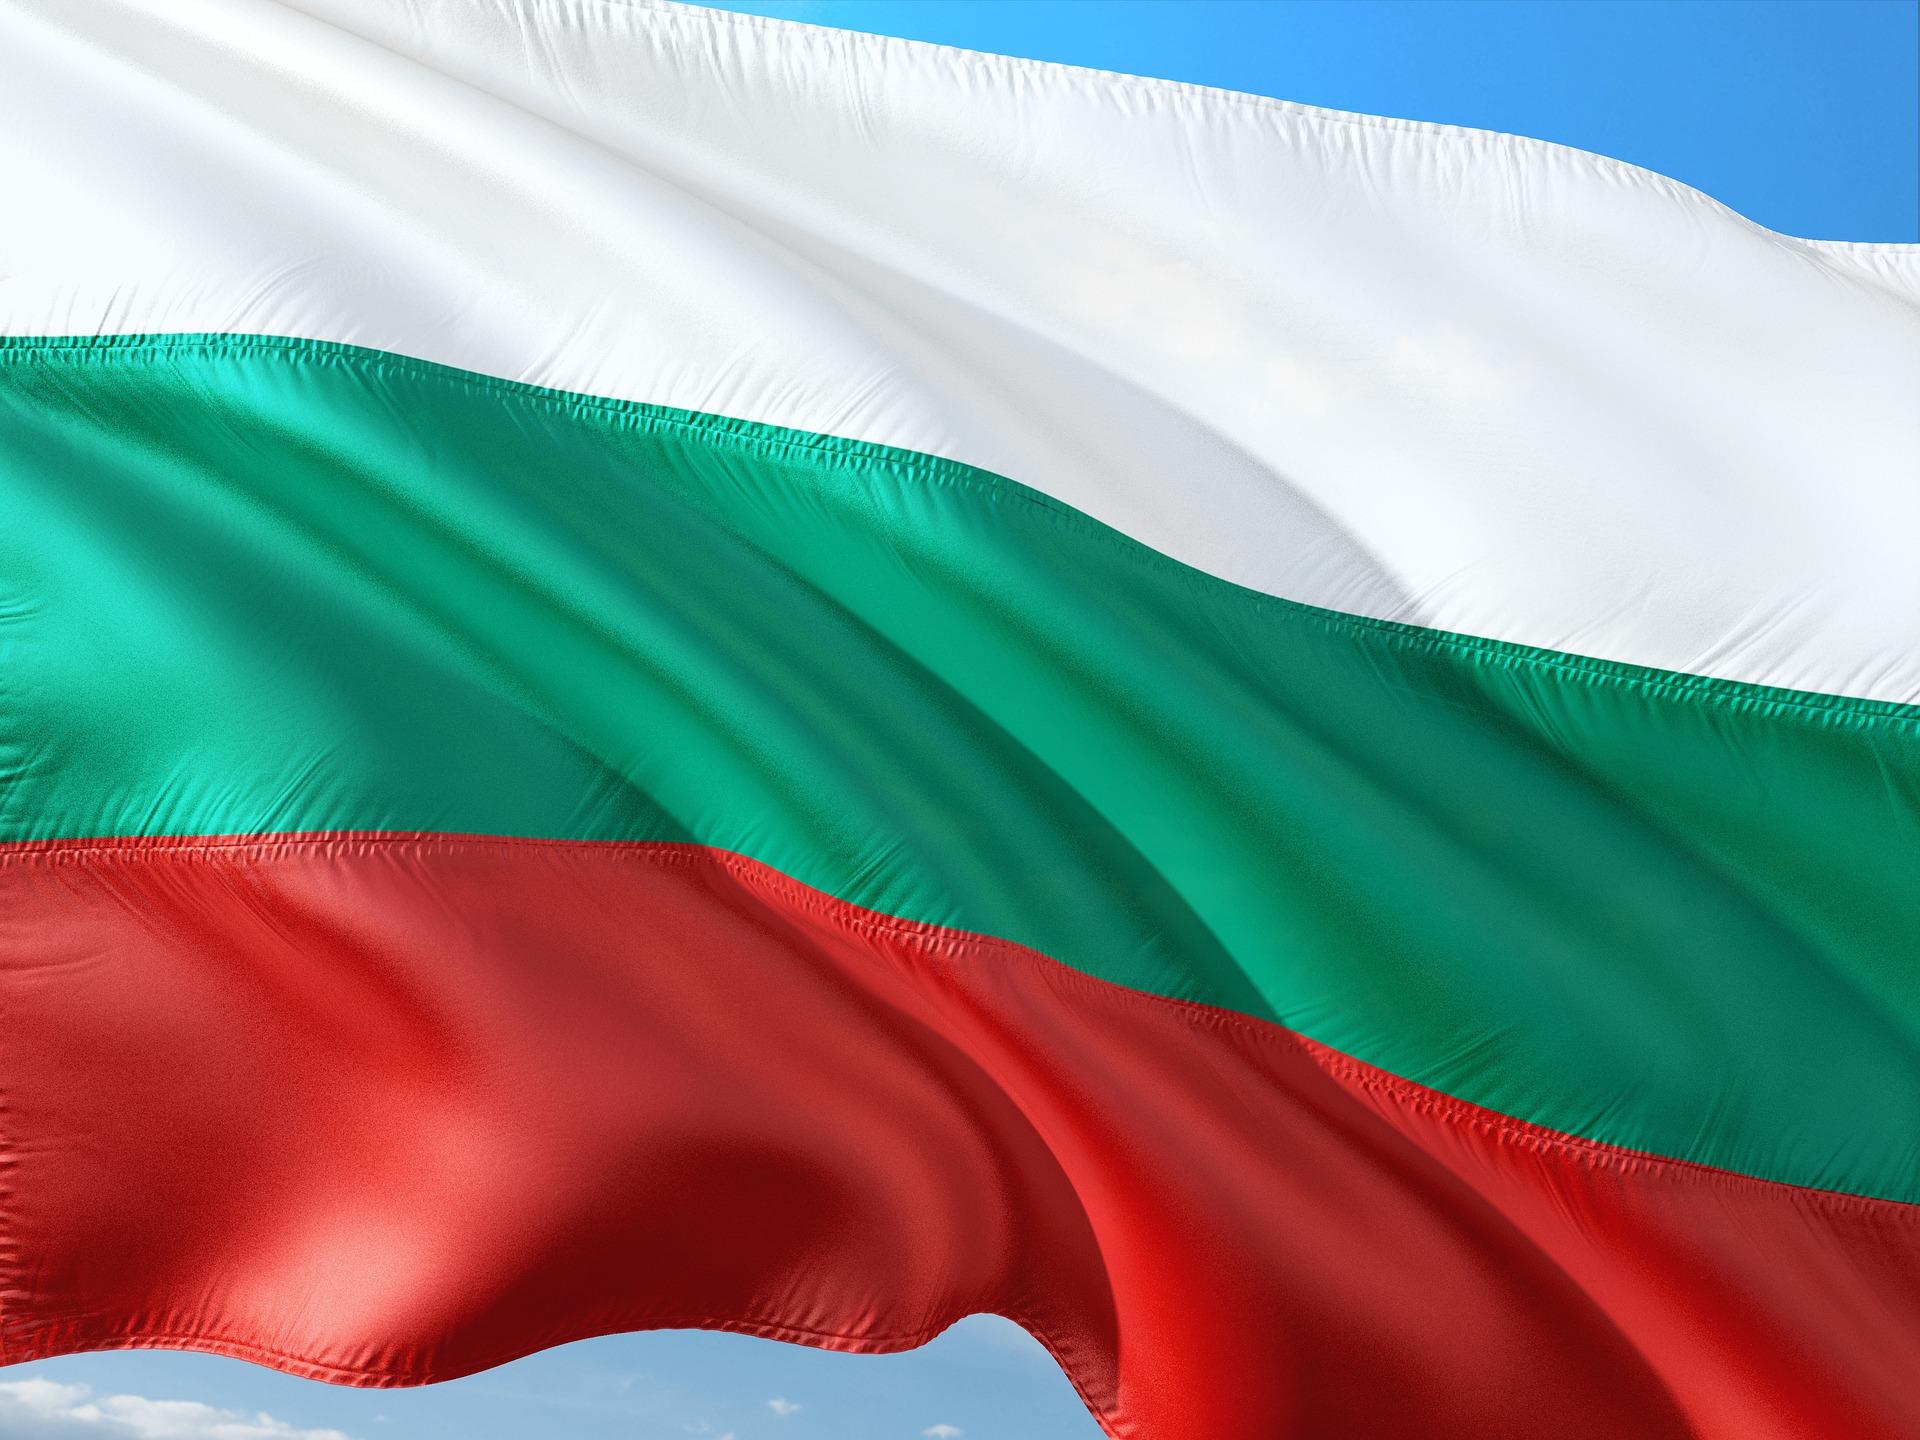 Als nach bulgarien rentner auswandern Als Rentner